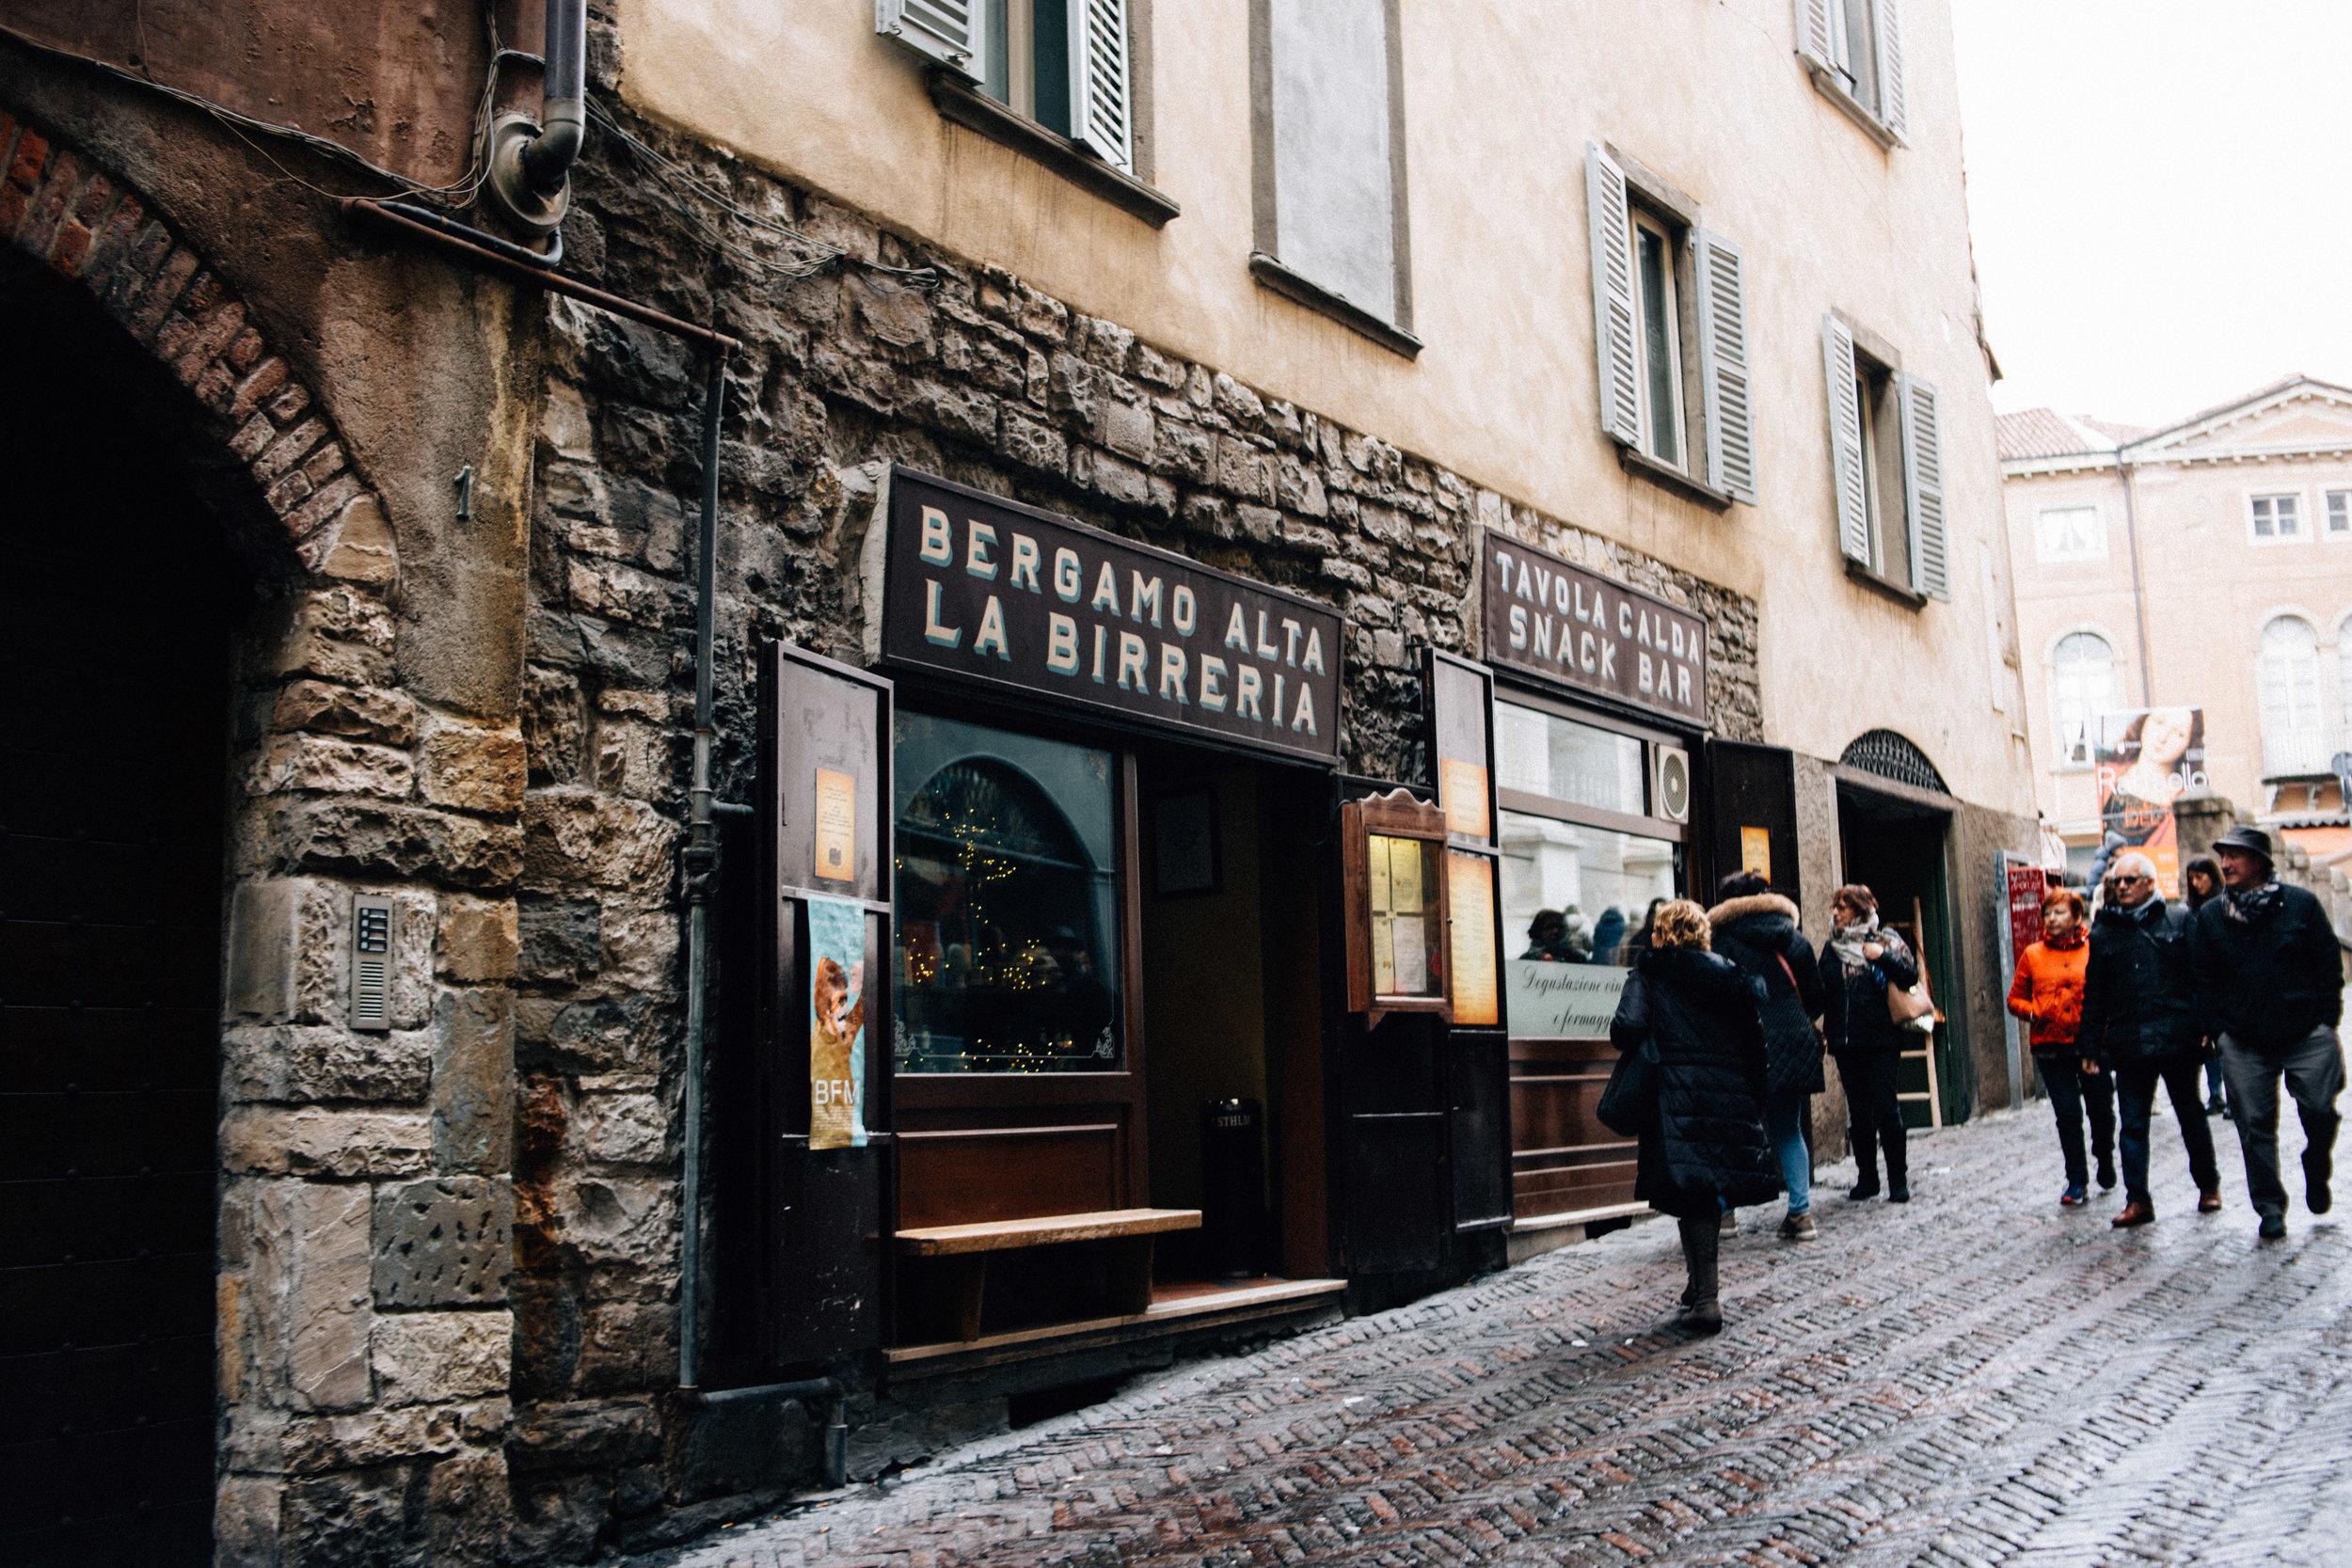 010 - Bergamo.jpg